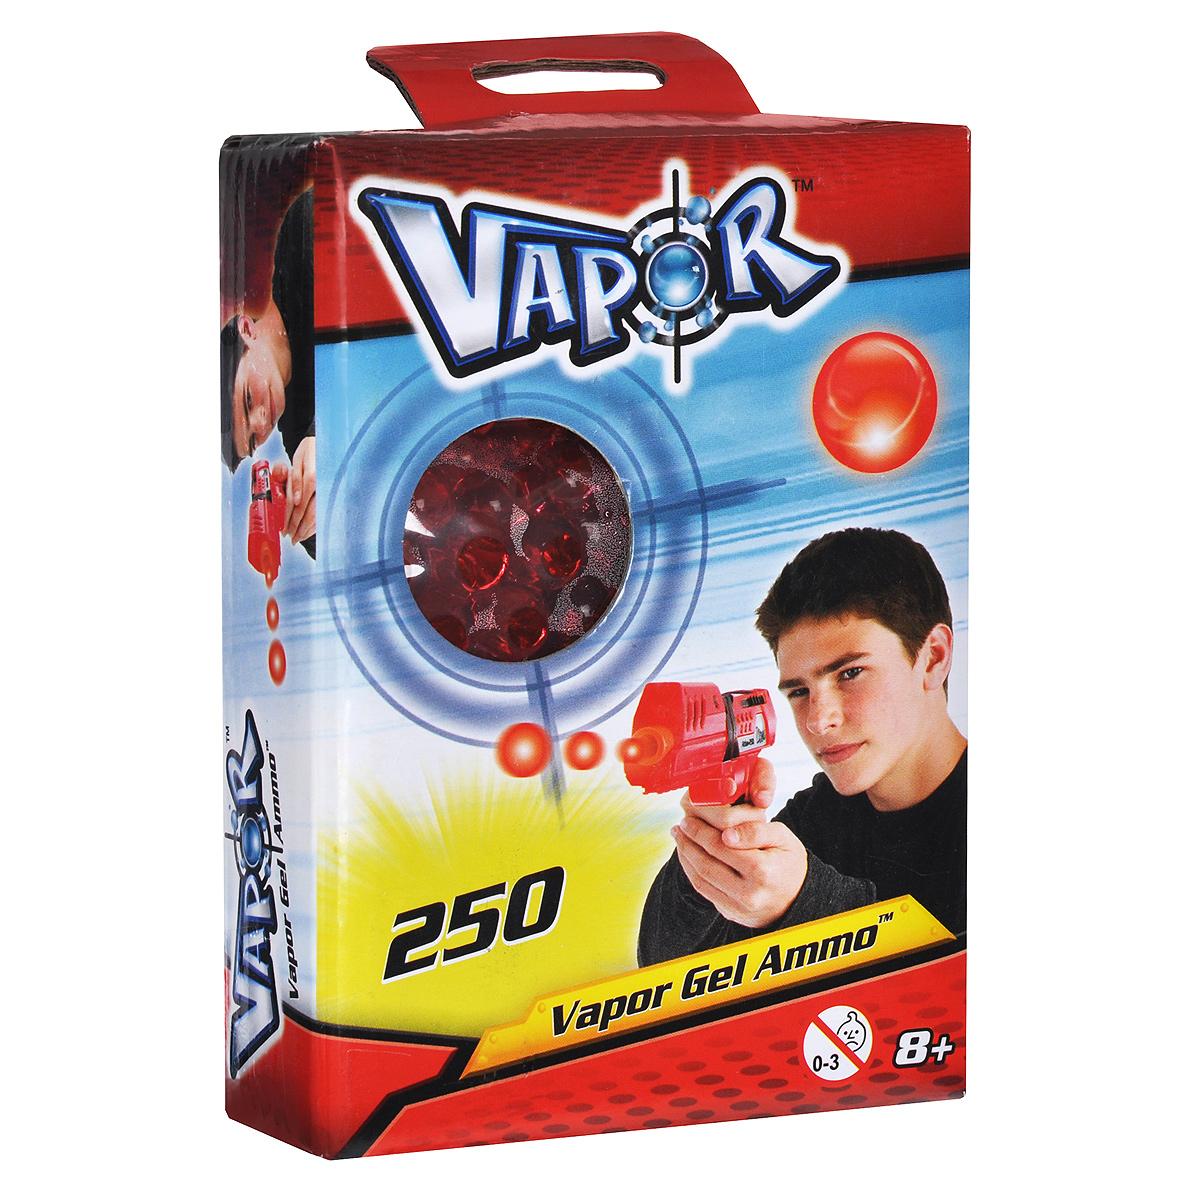 Пульки для бластеров Vapor, цвет: красный, 250 шт35073756Пульки Vapor - это готовые заряды, которые подходят для бластеров Vapor . Пульки представляют собой гелевые шарики, состоящие из воды и полимера. При попадании они безобидно отскакивают от предметов или рассыпаются на частички, не нанося никакого вреда и не оставляя мокрых пятен. В комплект входят 250 пулек красного цвета.